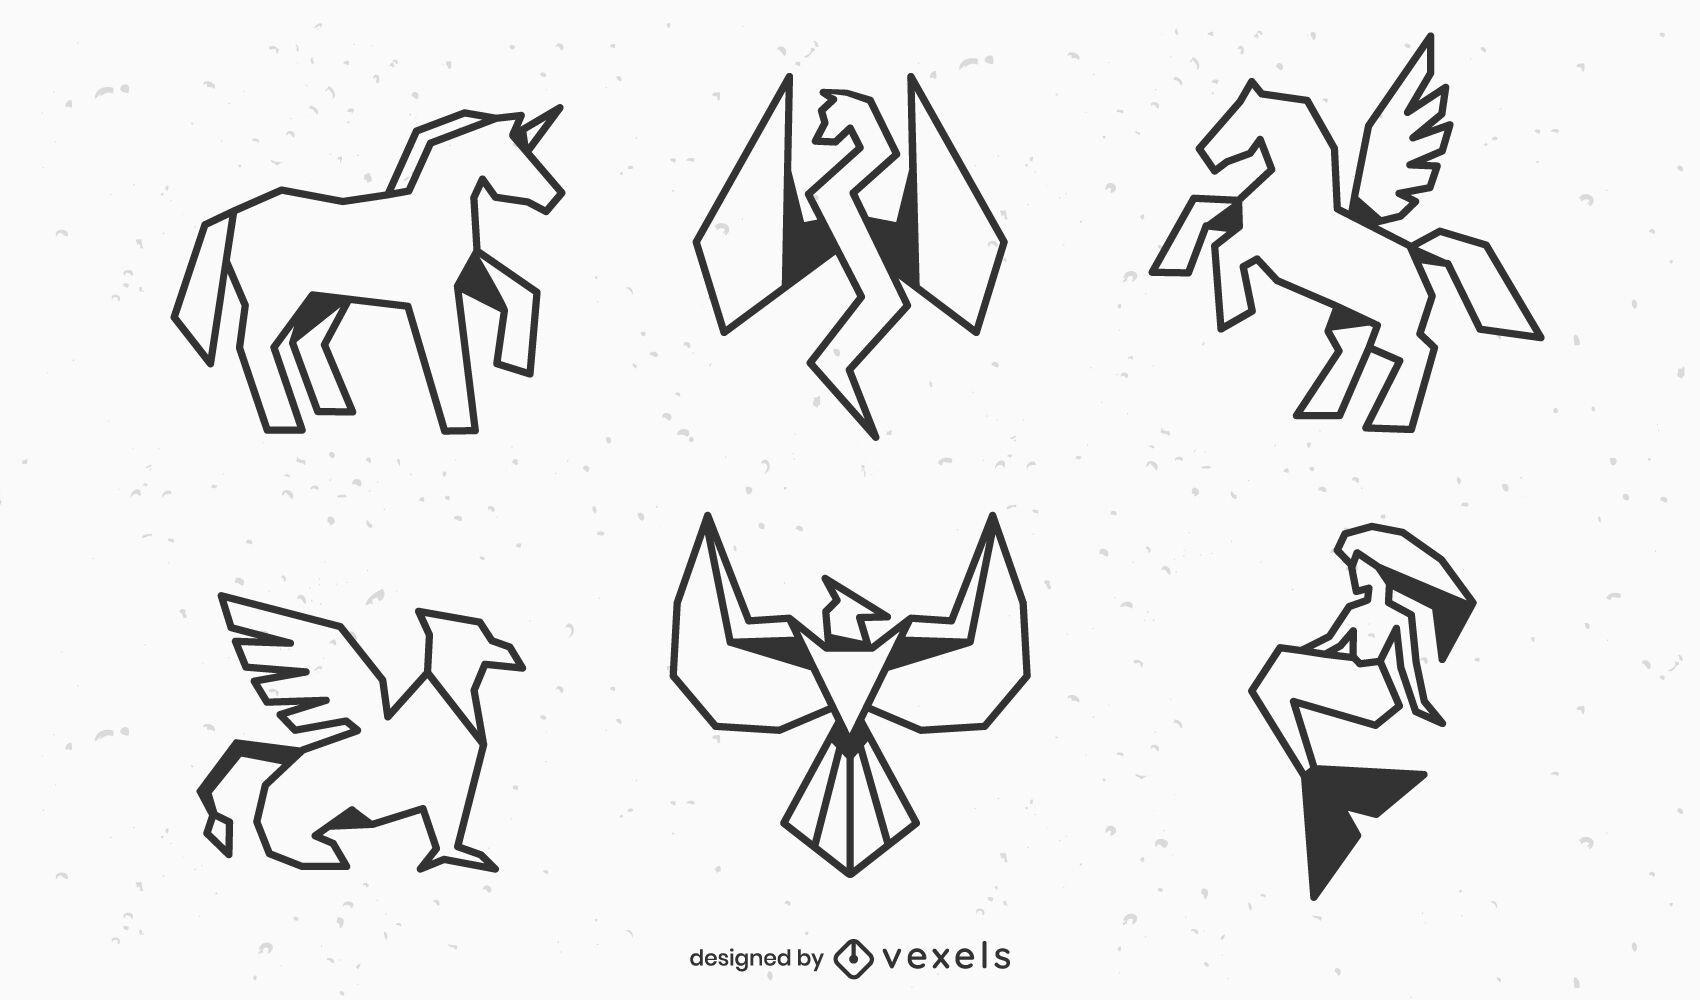 Conjunto de trazos de criaturas míticas geométricas